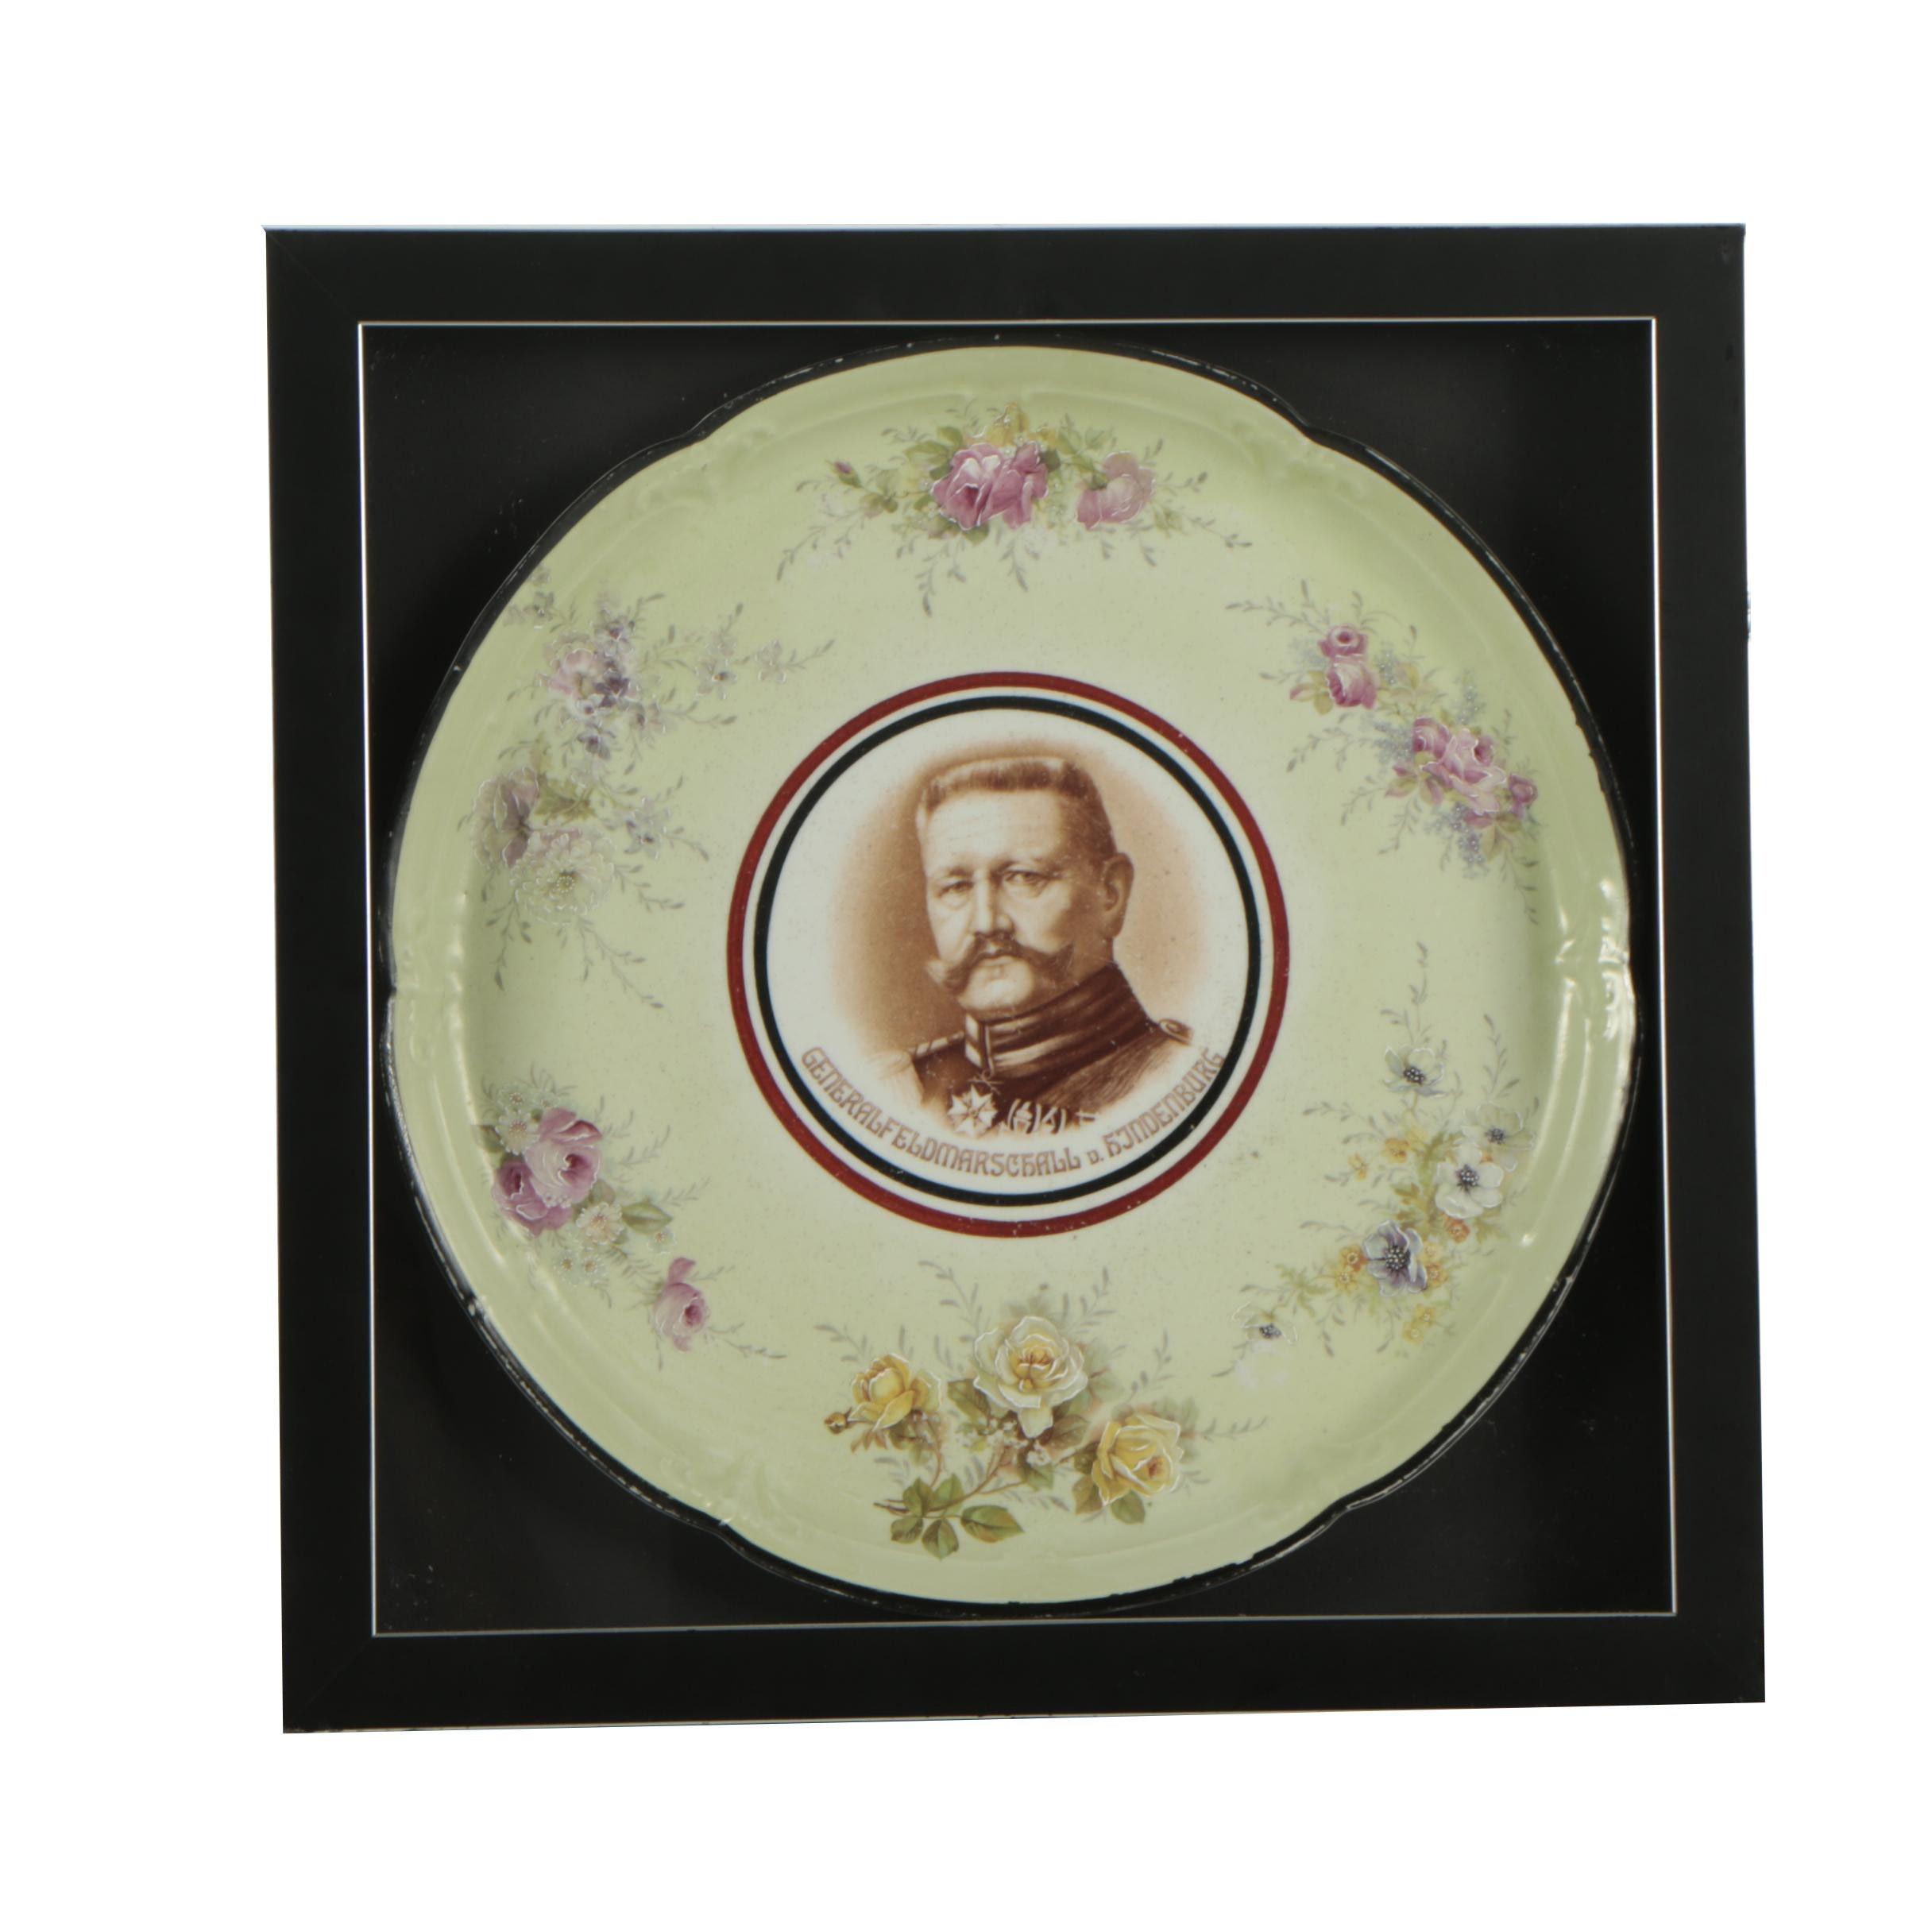 Decorative Ceramic Plate of Paul von Hindenburg